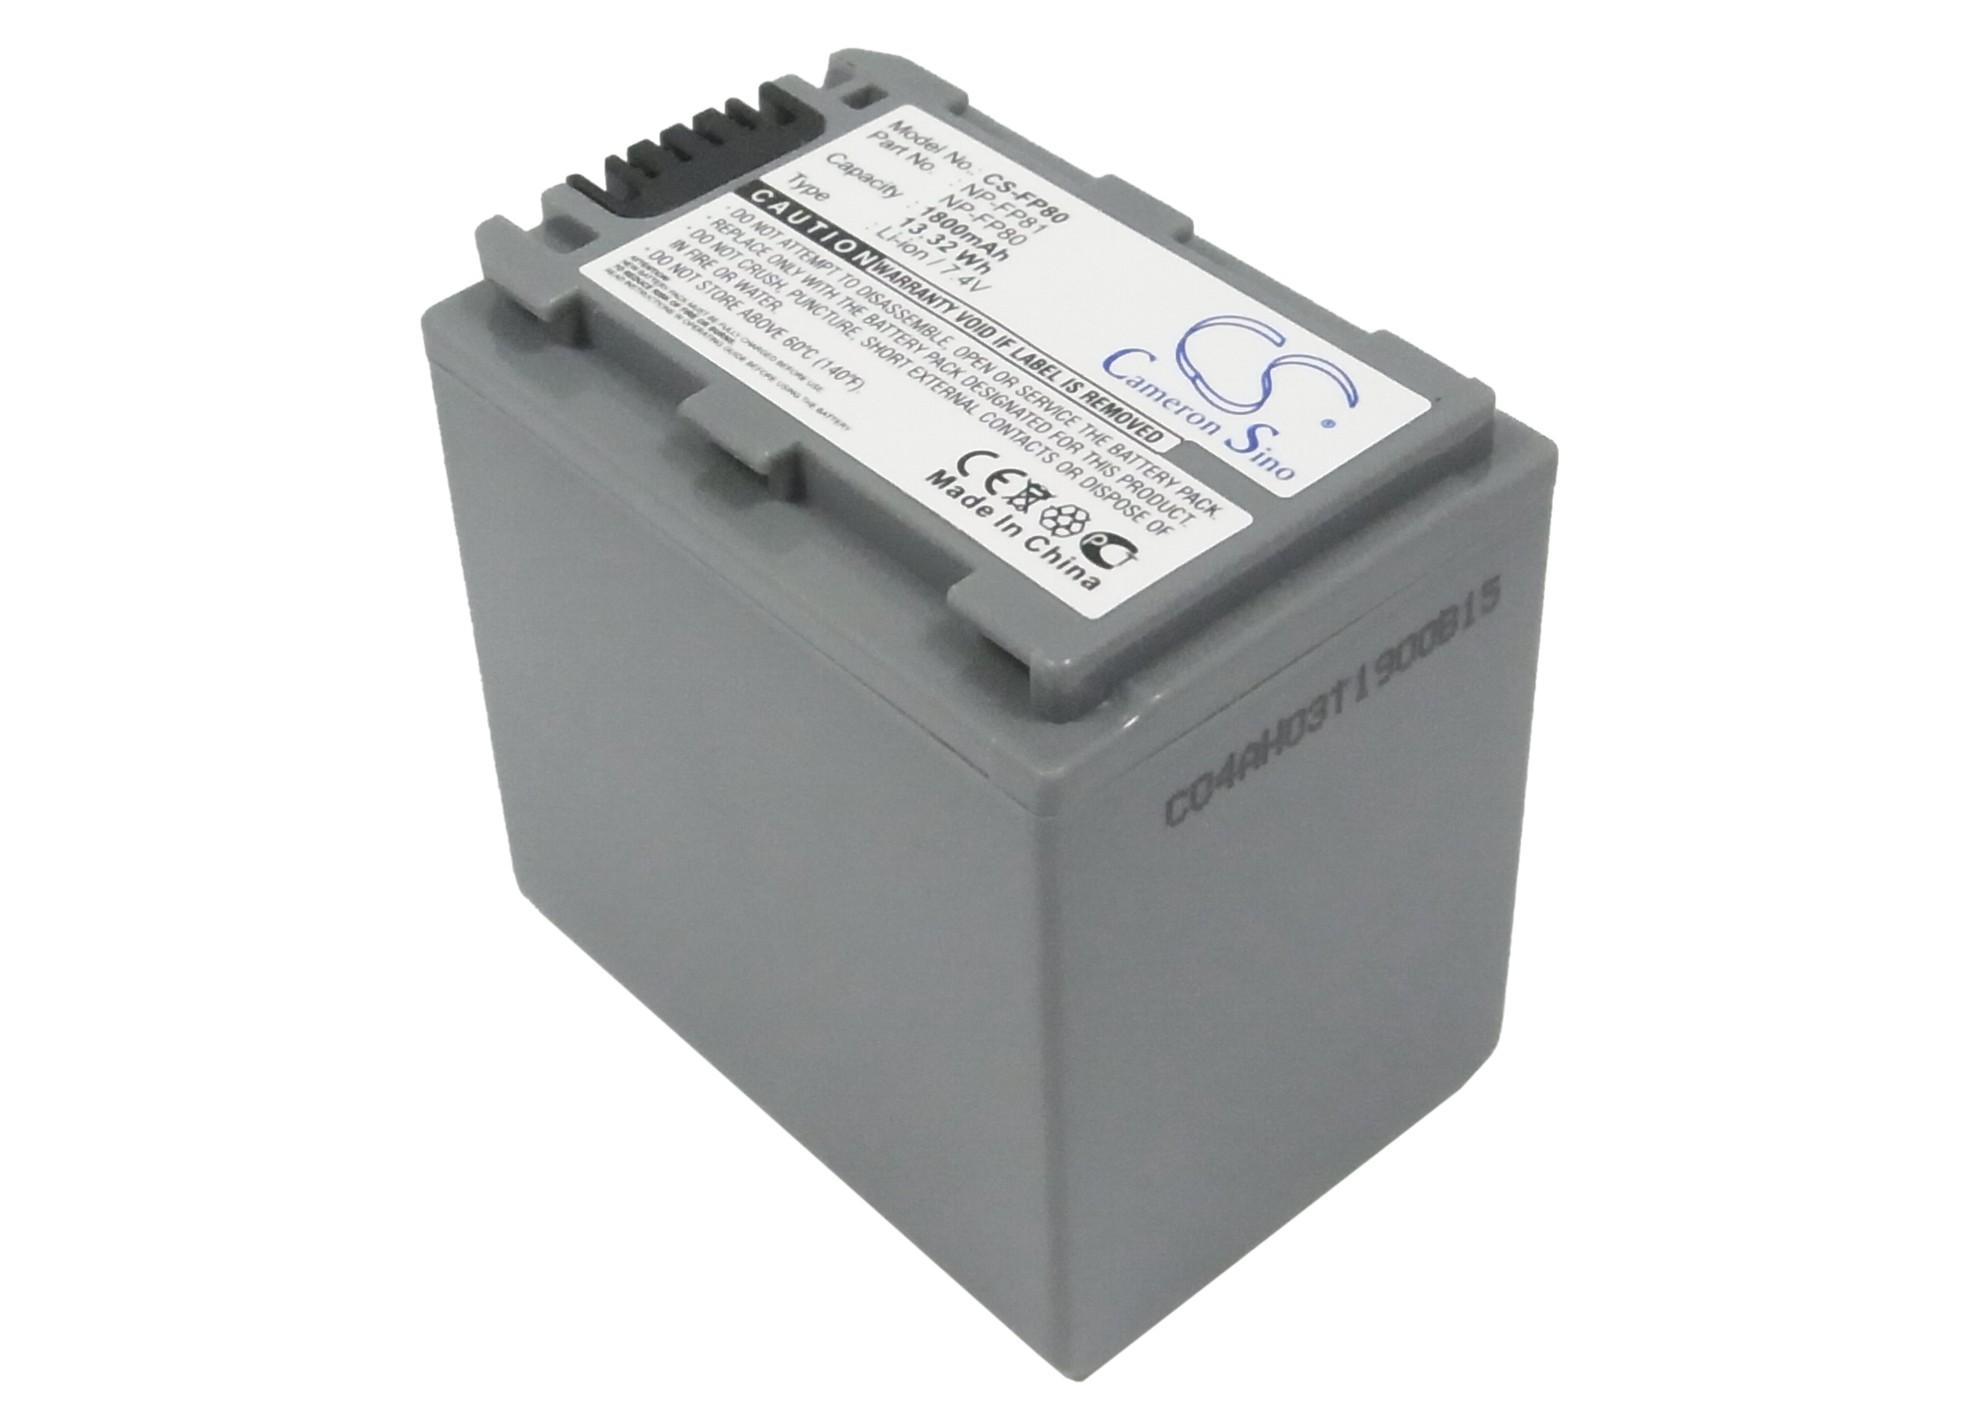 Cameron Sino baterie do kamer a fotoaparátů pro SONY DCR-HC42 7.4V Li-ion 1800mAh tmavě šedá - neoriginální